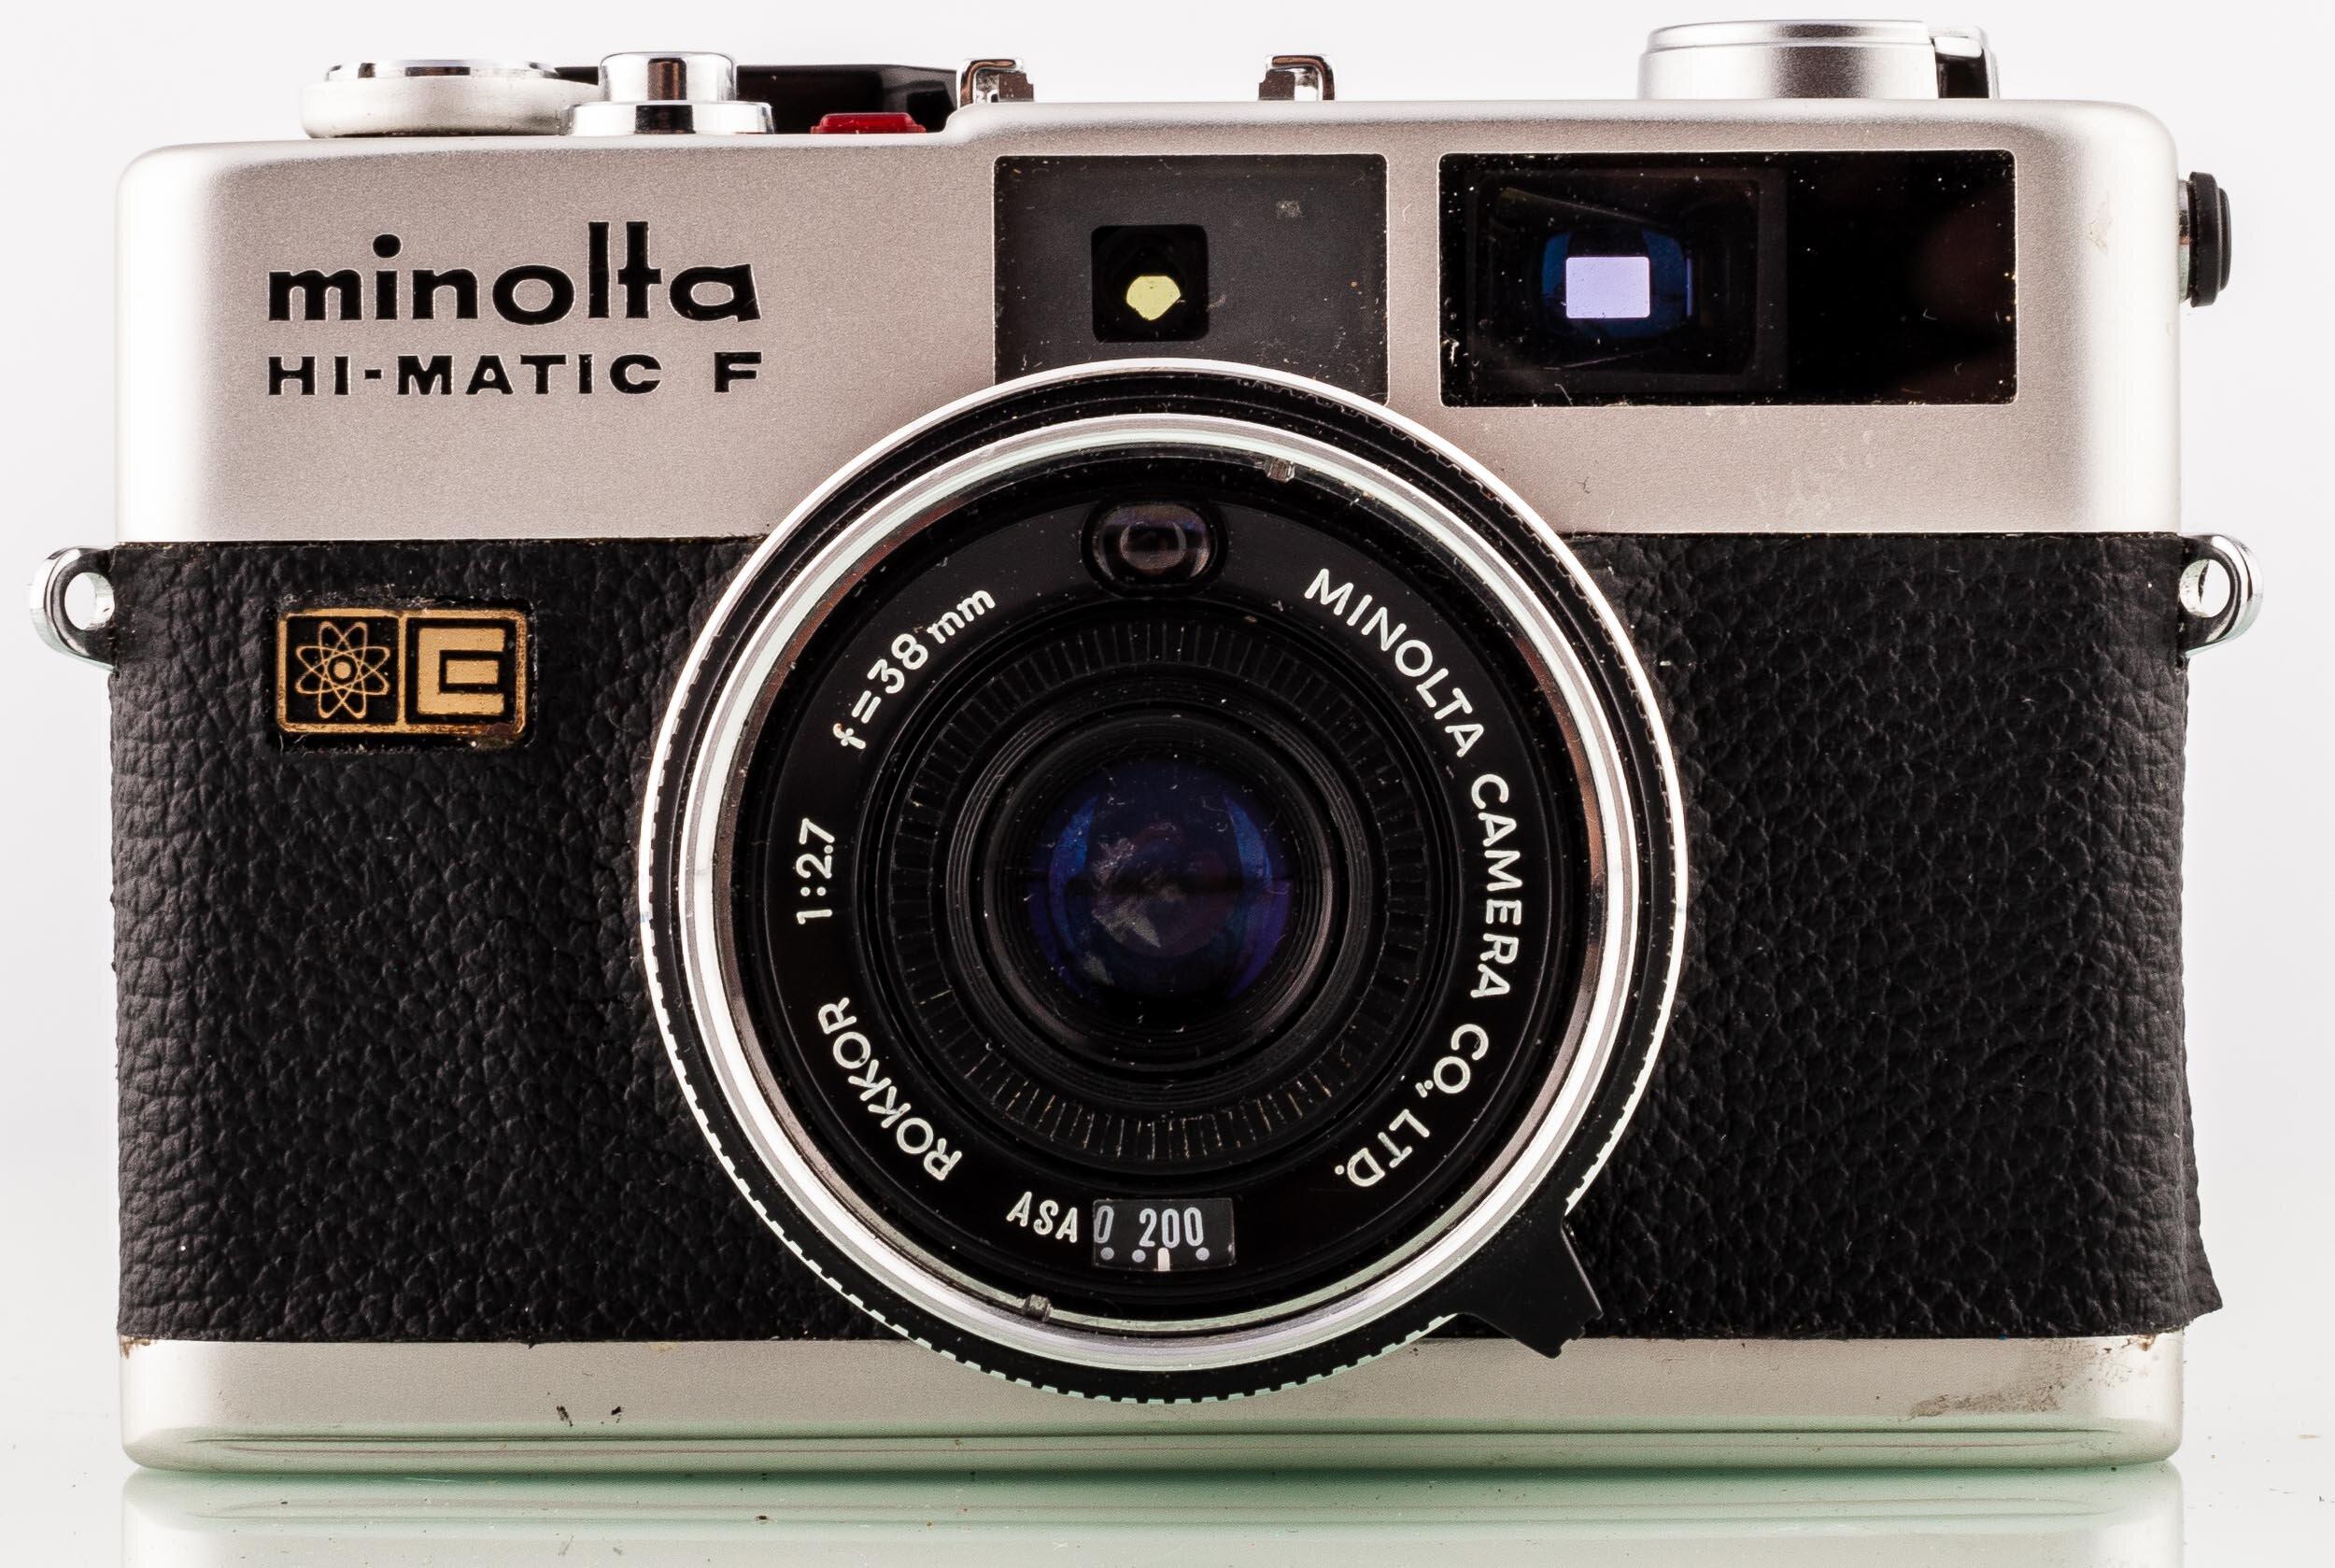 Minolta HI Matic F Rokkor 38mm F2.7